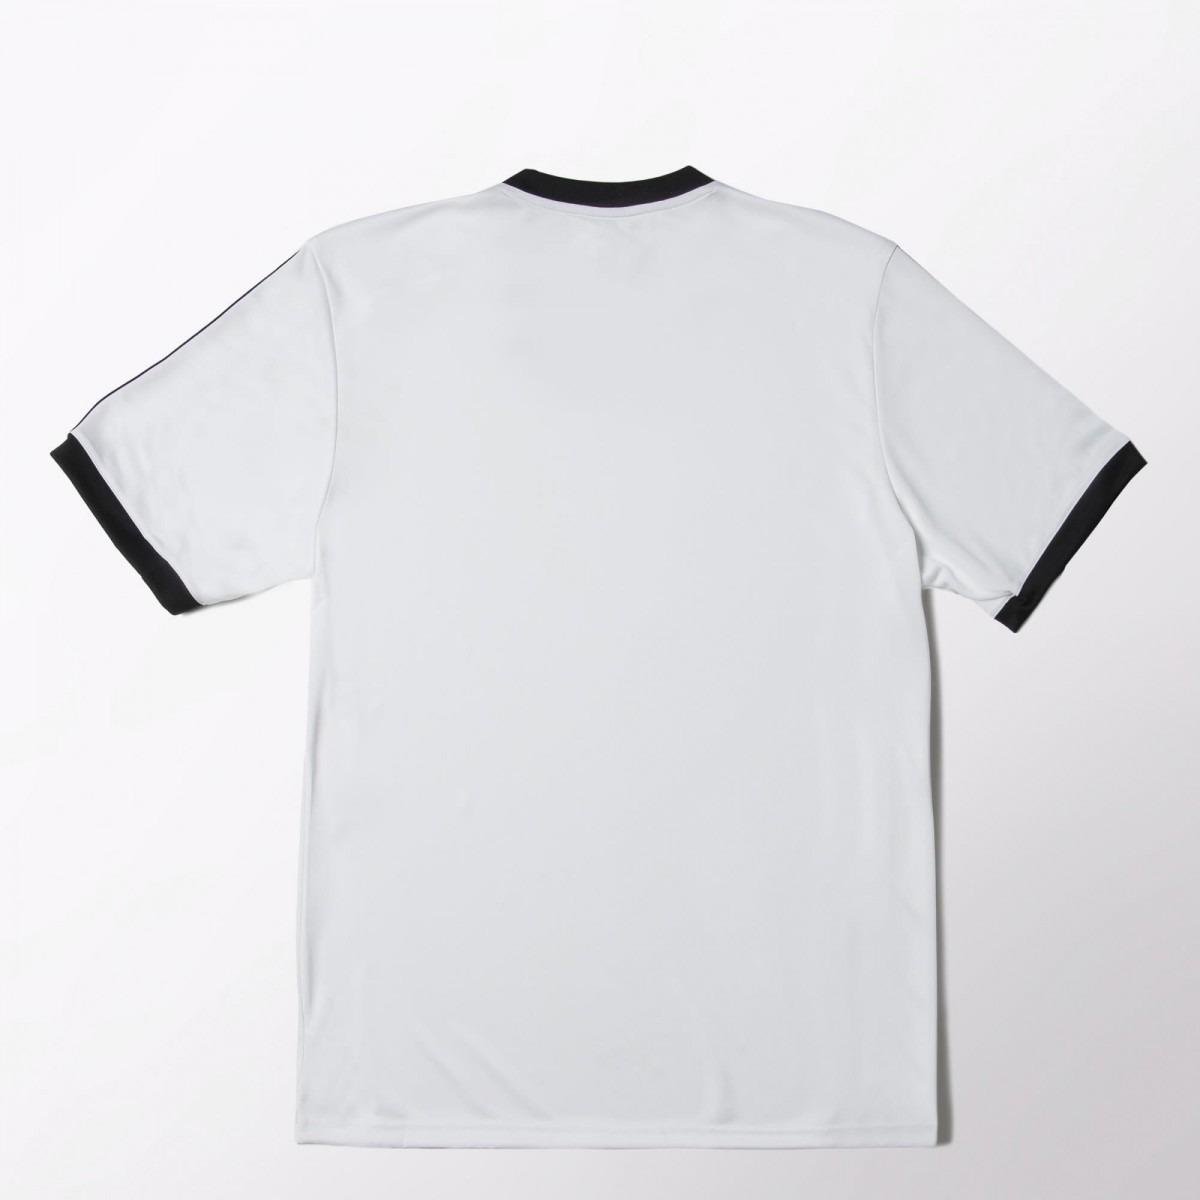 64f44ea515528 camisa masculina adidas tabela 14 futebol f50271 original. Carregando zoom.